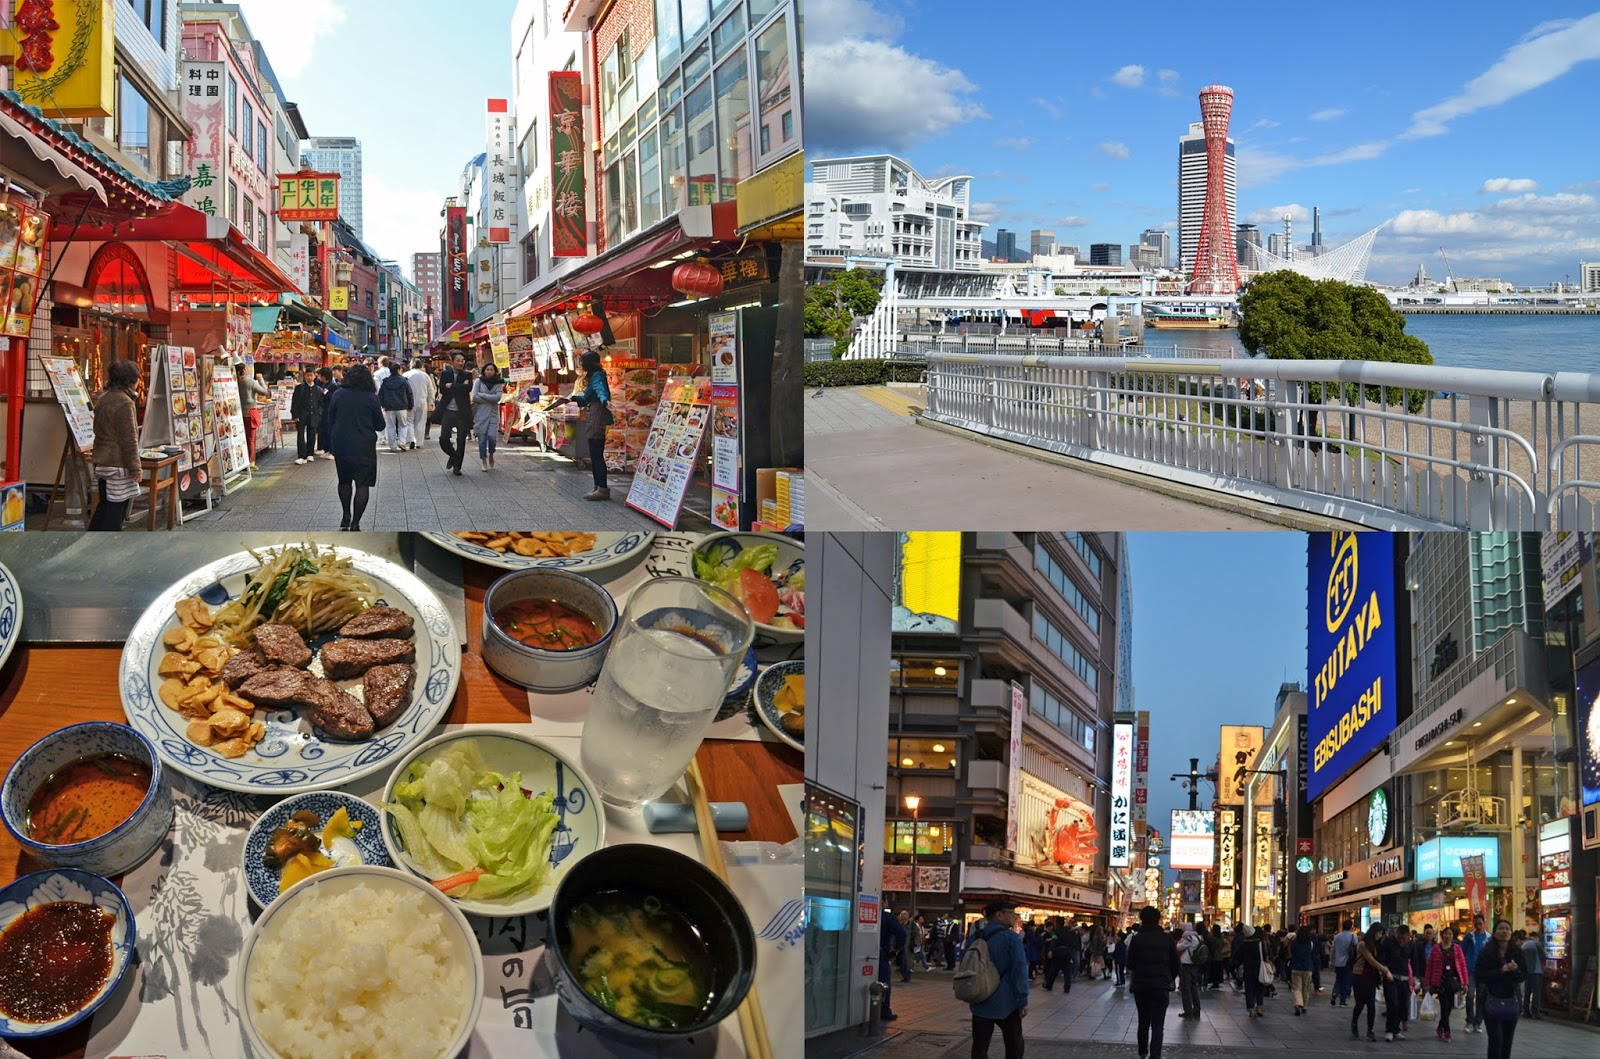 [Japan 2016] 7D6N Osaka - Kyoto - Nara - Kobe Trip